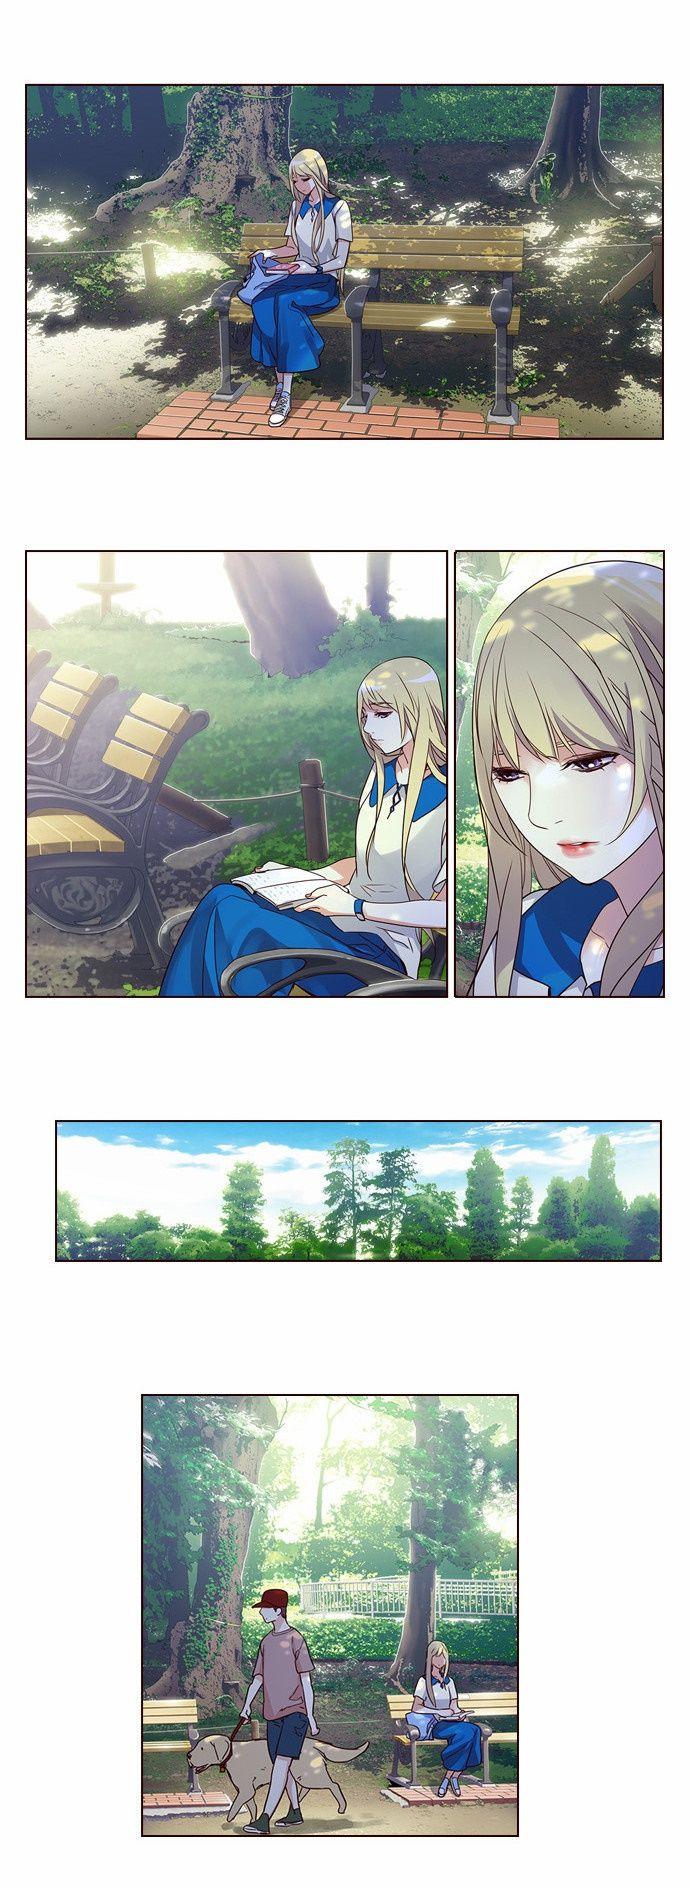 http://c5.ninemanga.com/es_manga/pic2/32/416/514297/11bd0ff5338b26539c318b8647dfd515.jpg Page 7